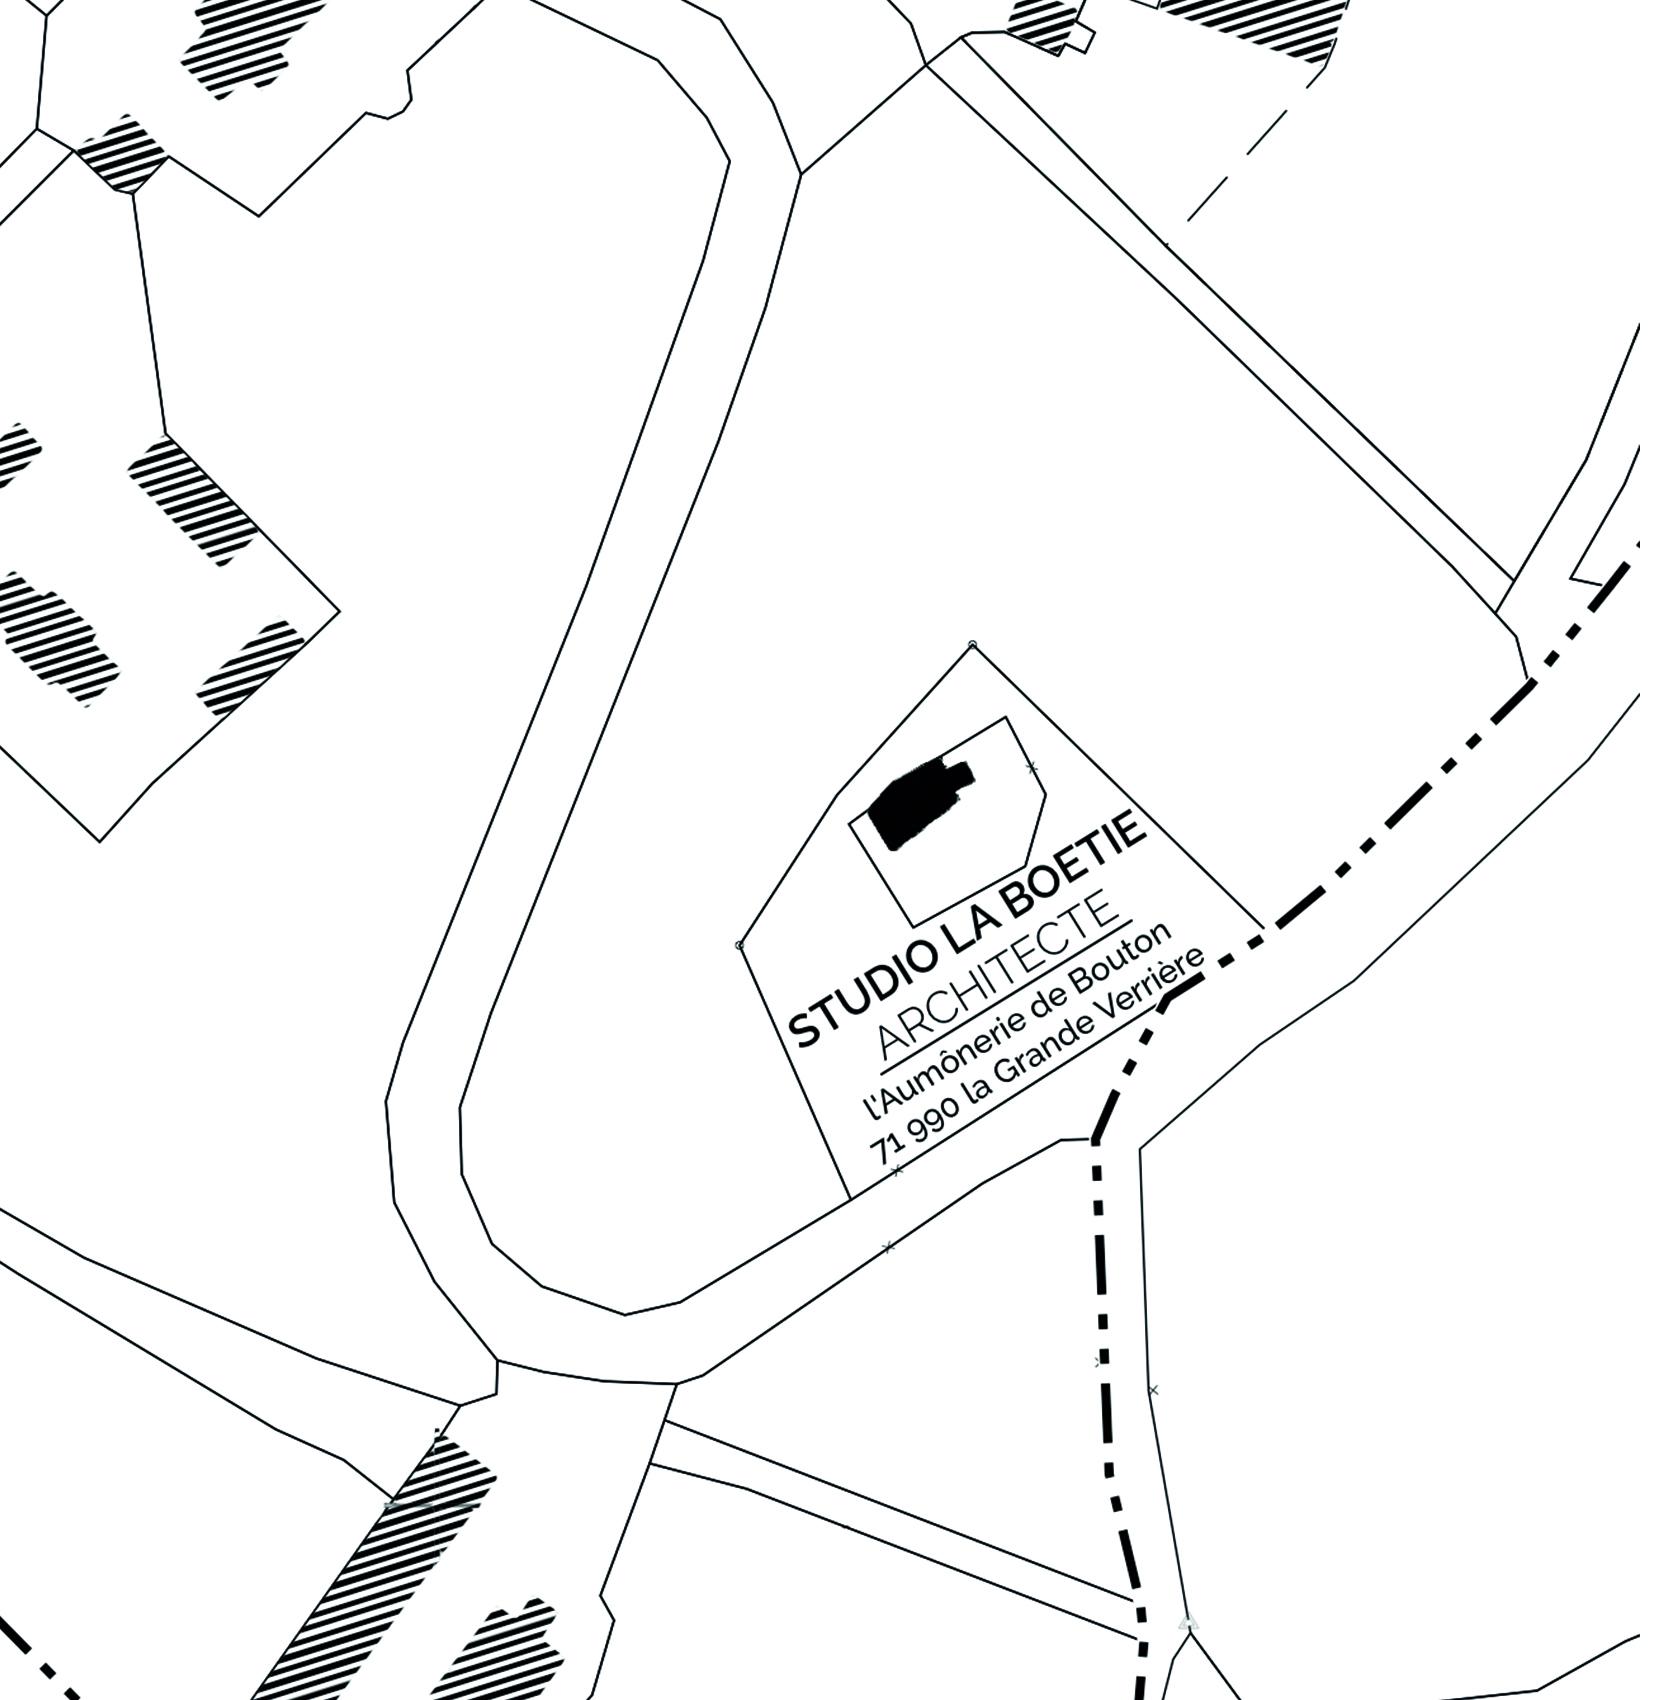 Z:�4-Communication et prospection13-FICHIERS PRESSES�0-AGENCE